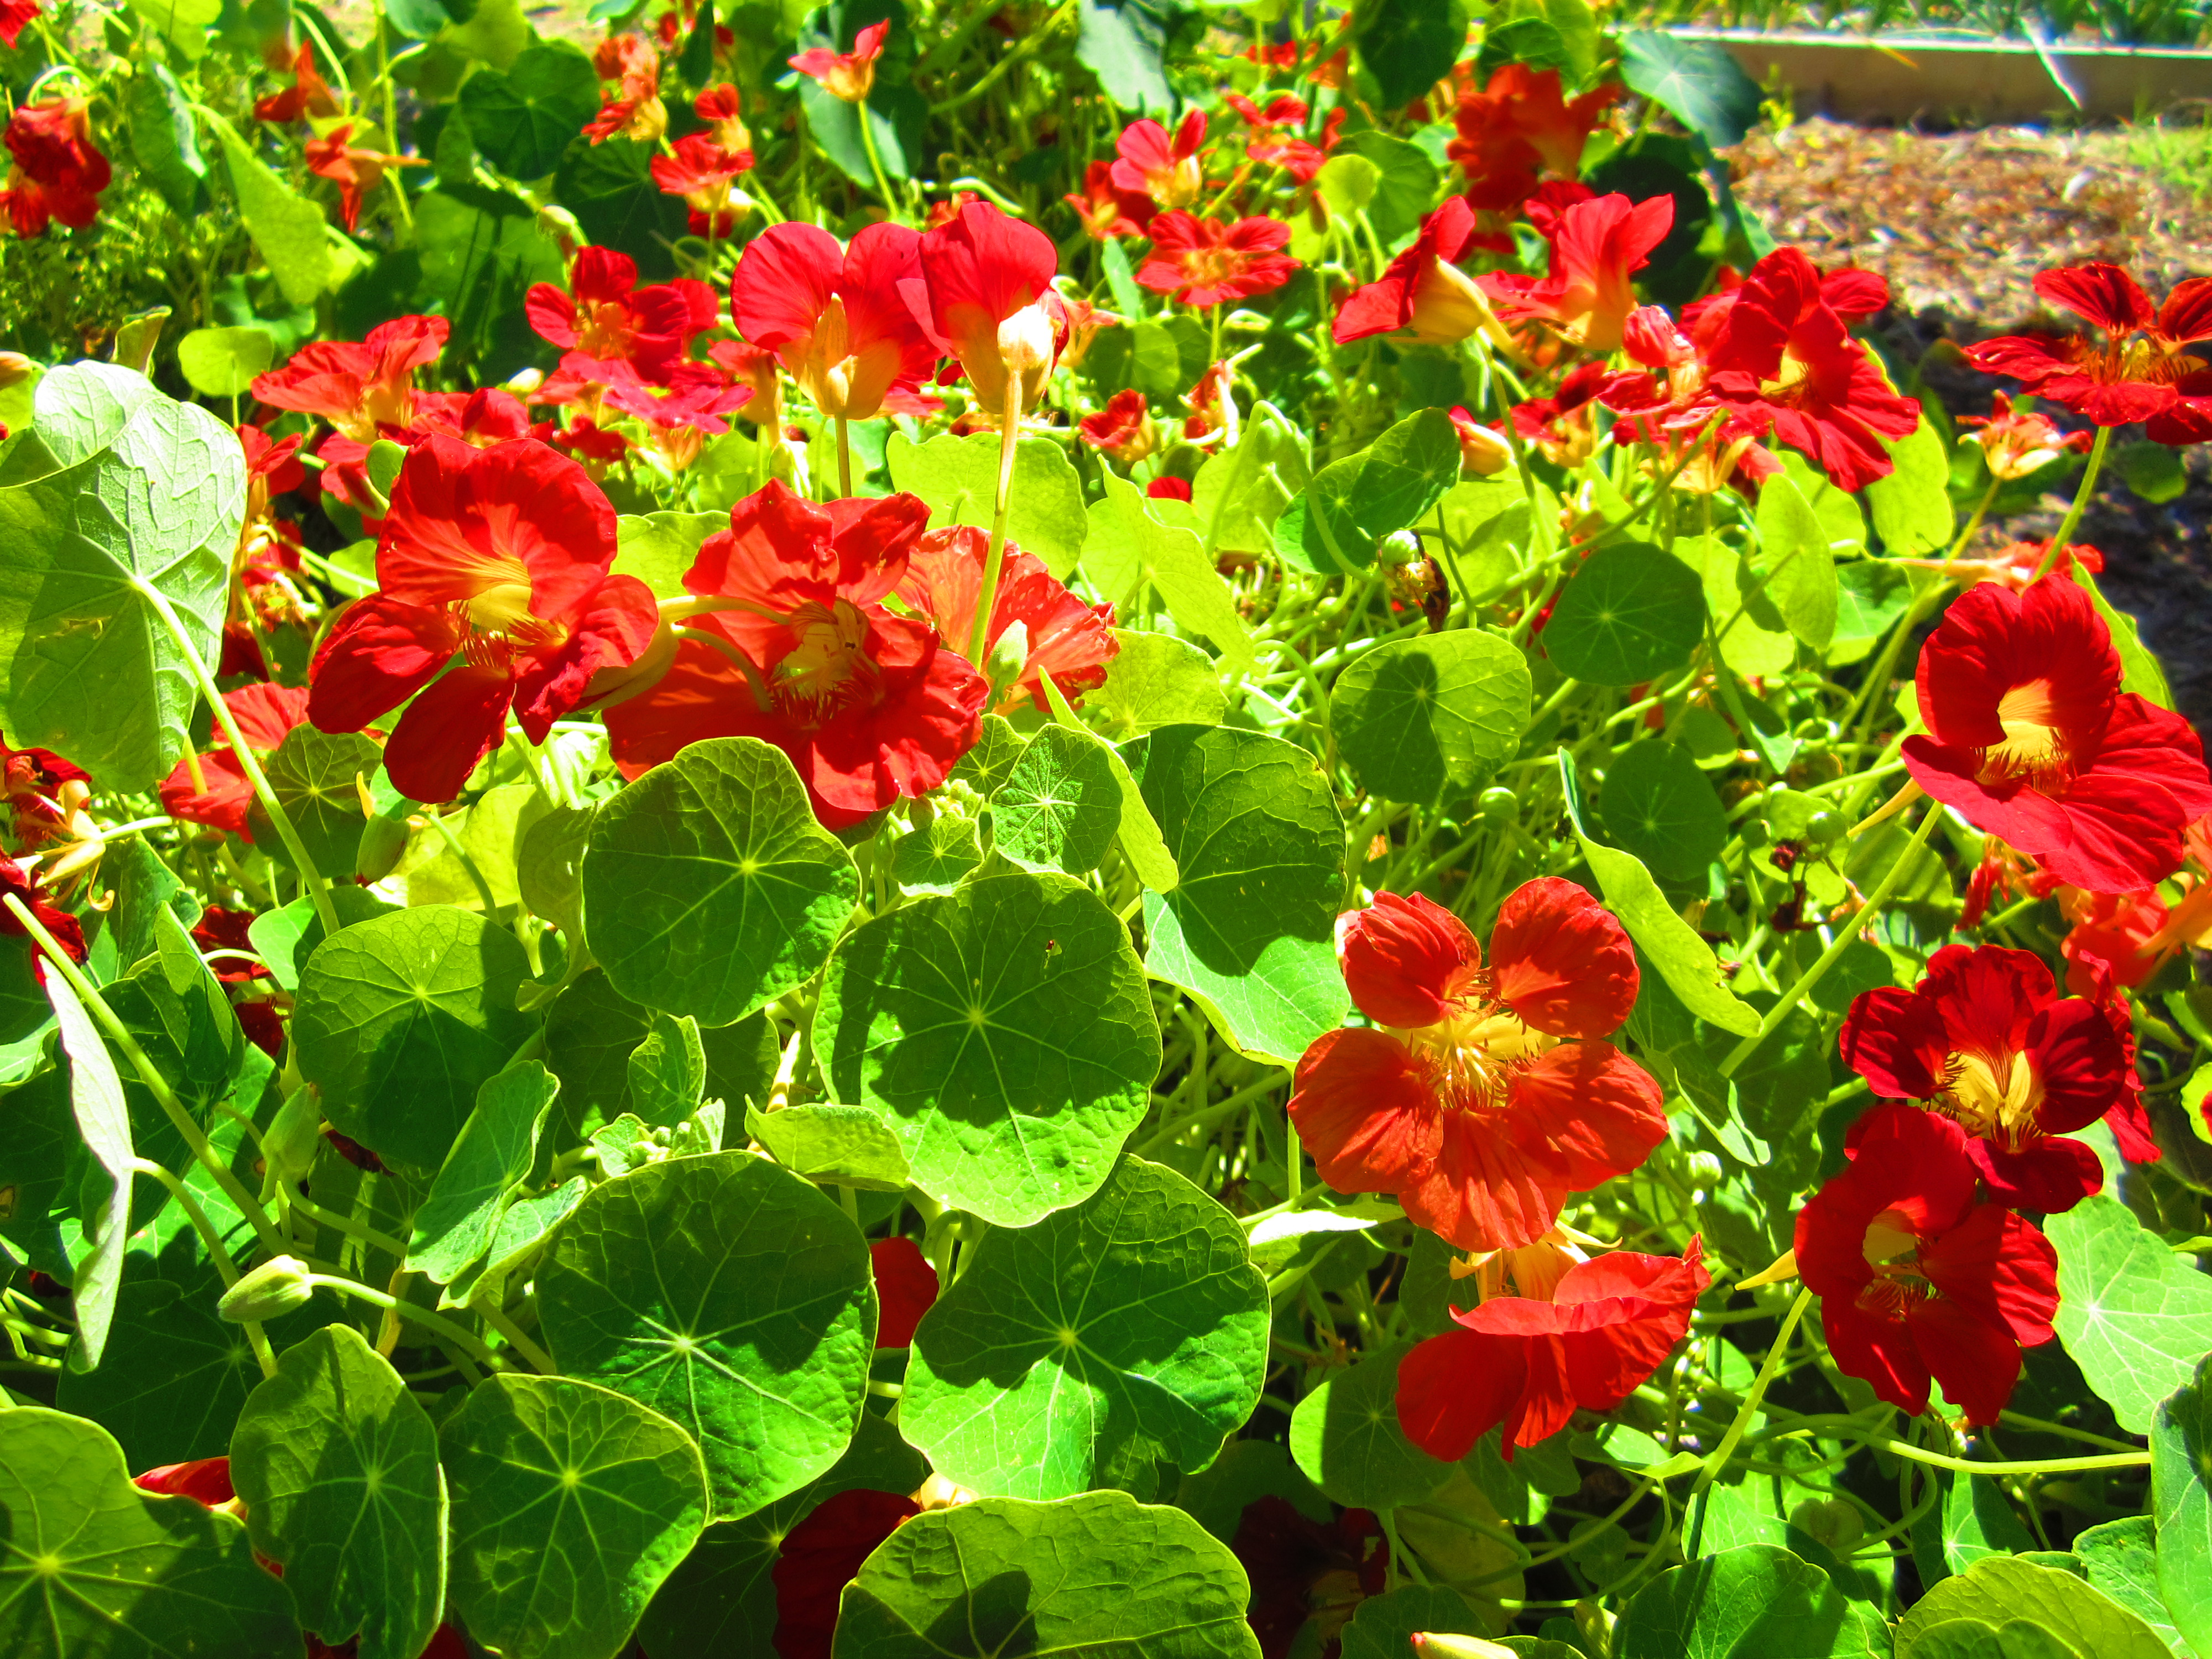 цветы настурция посадка и уход фото топливо самое молодое